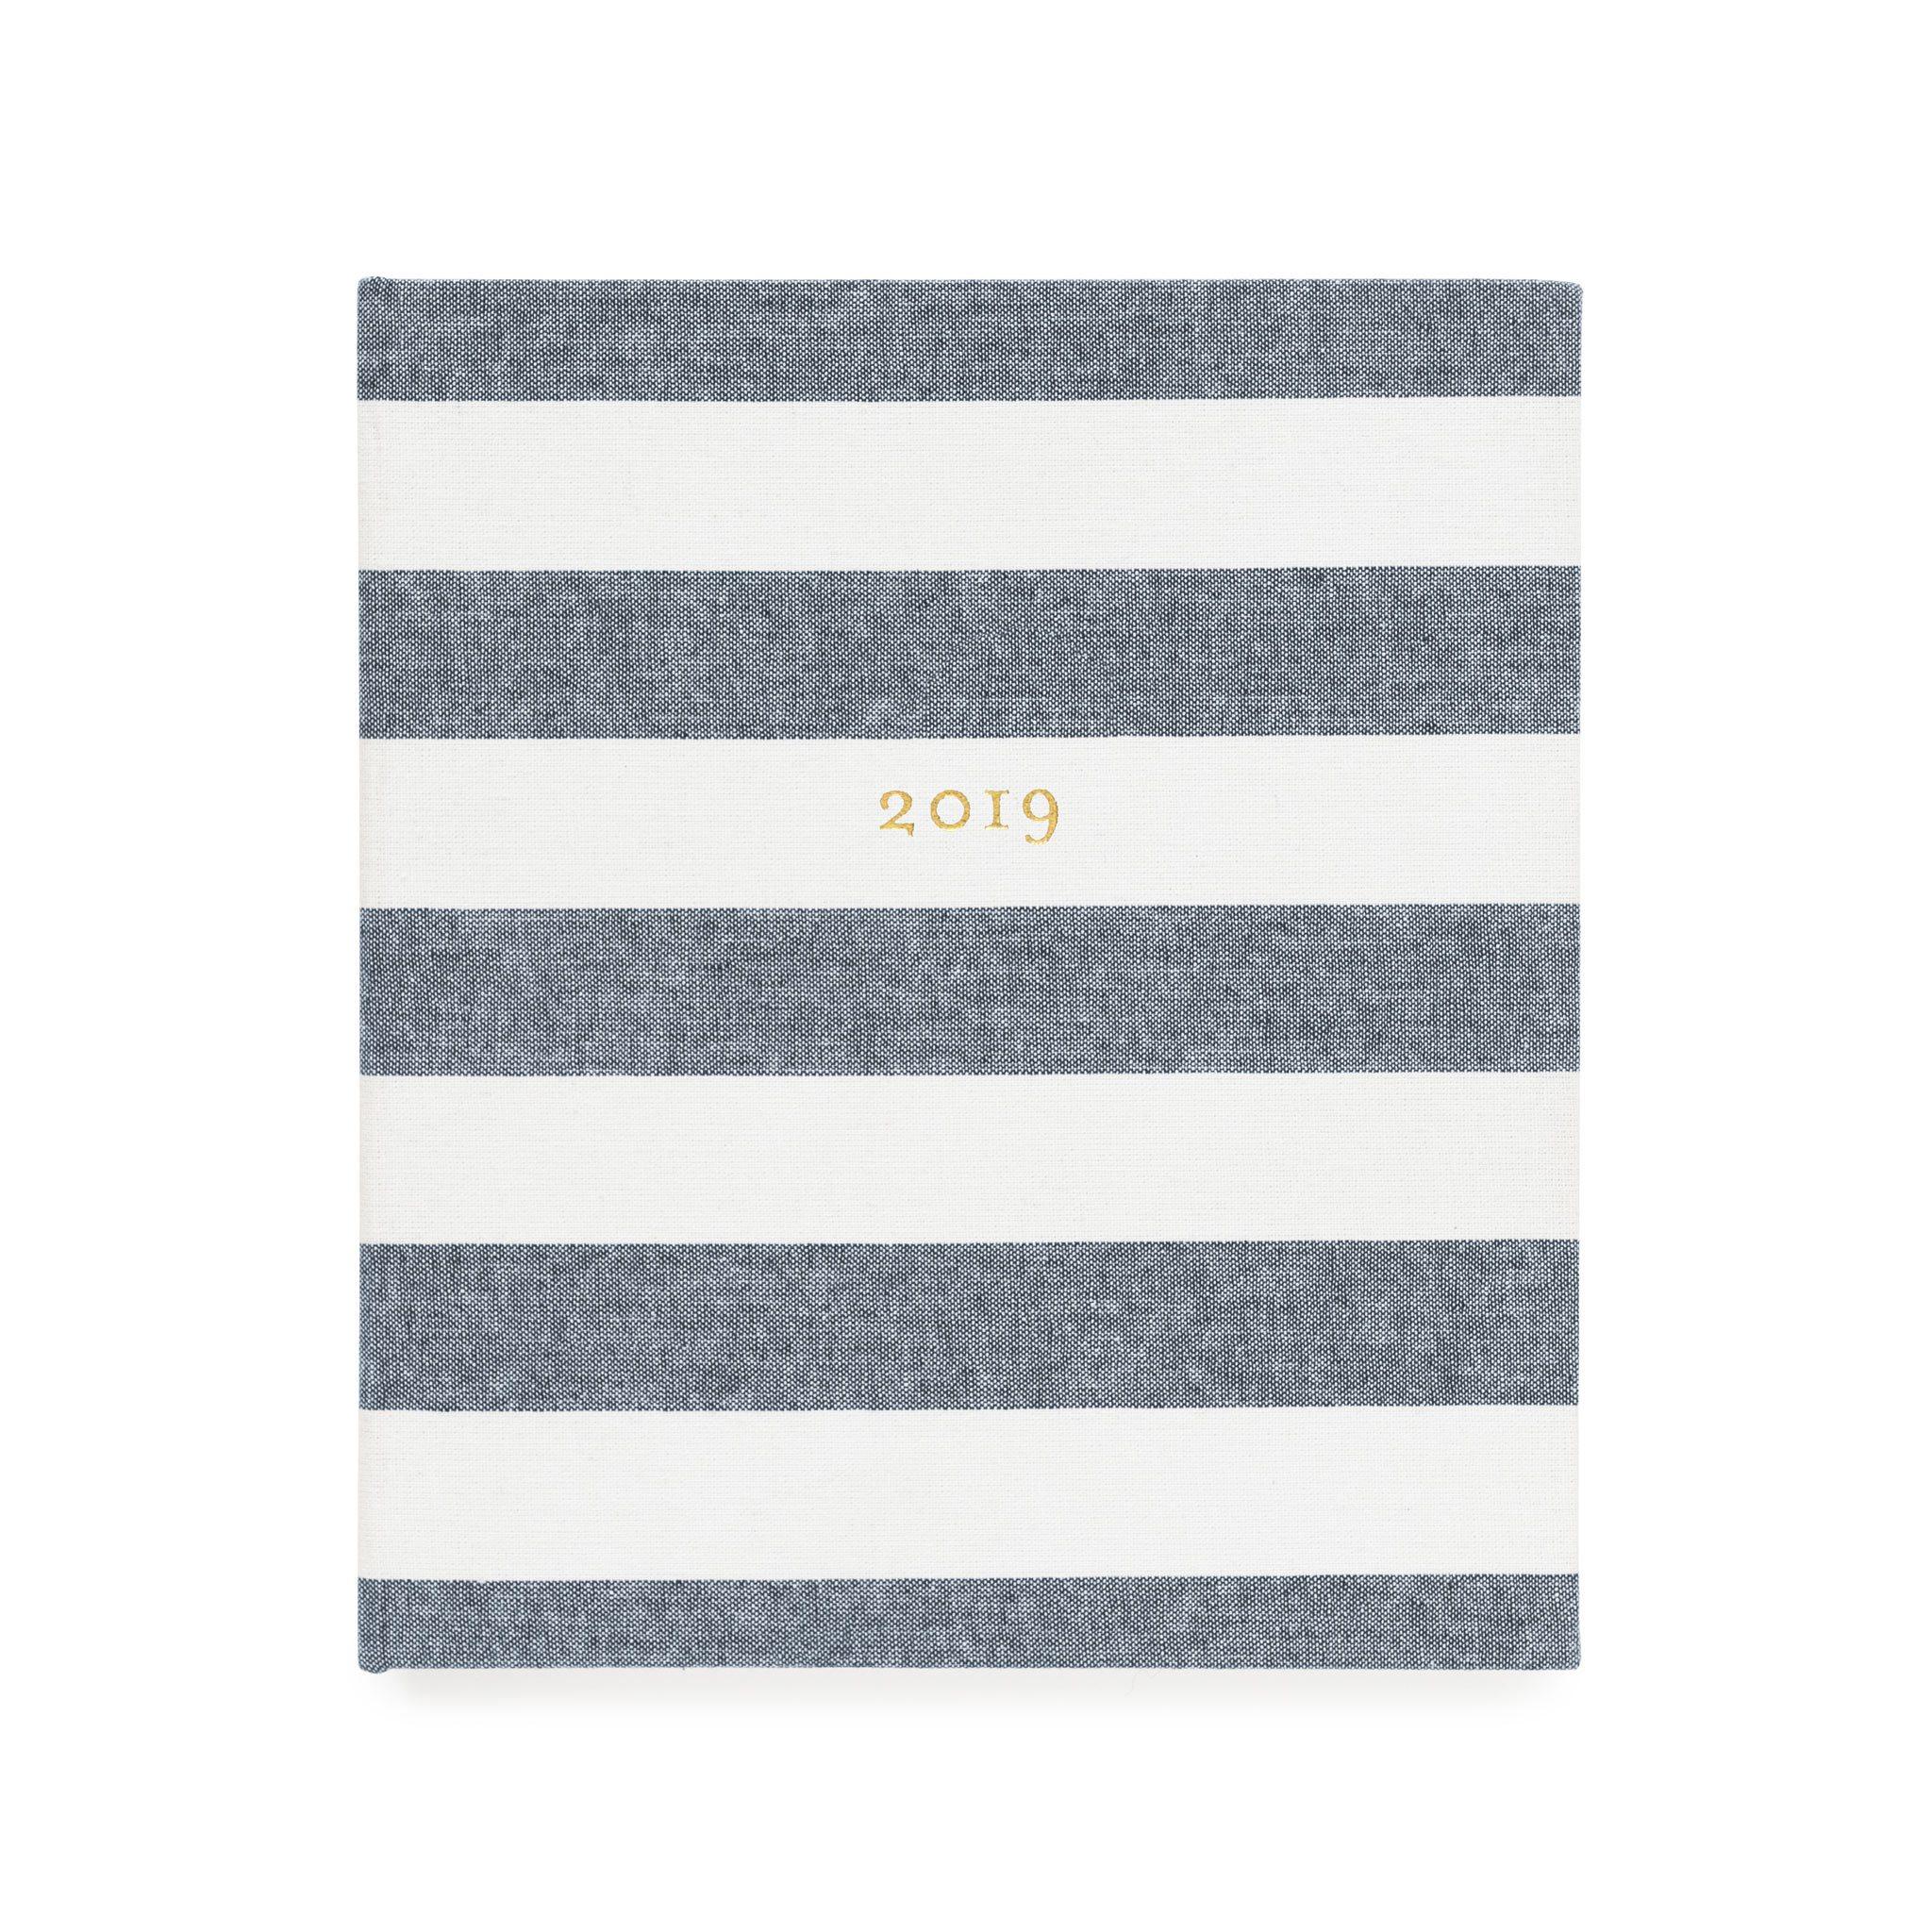 AGENDA11 concealed chambray stripes web 1200x1200%402x - Já escolheu sua agenda para 2019? A gente listou nossos planners preferidos